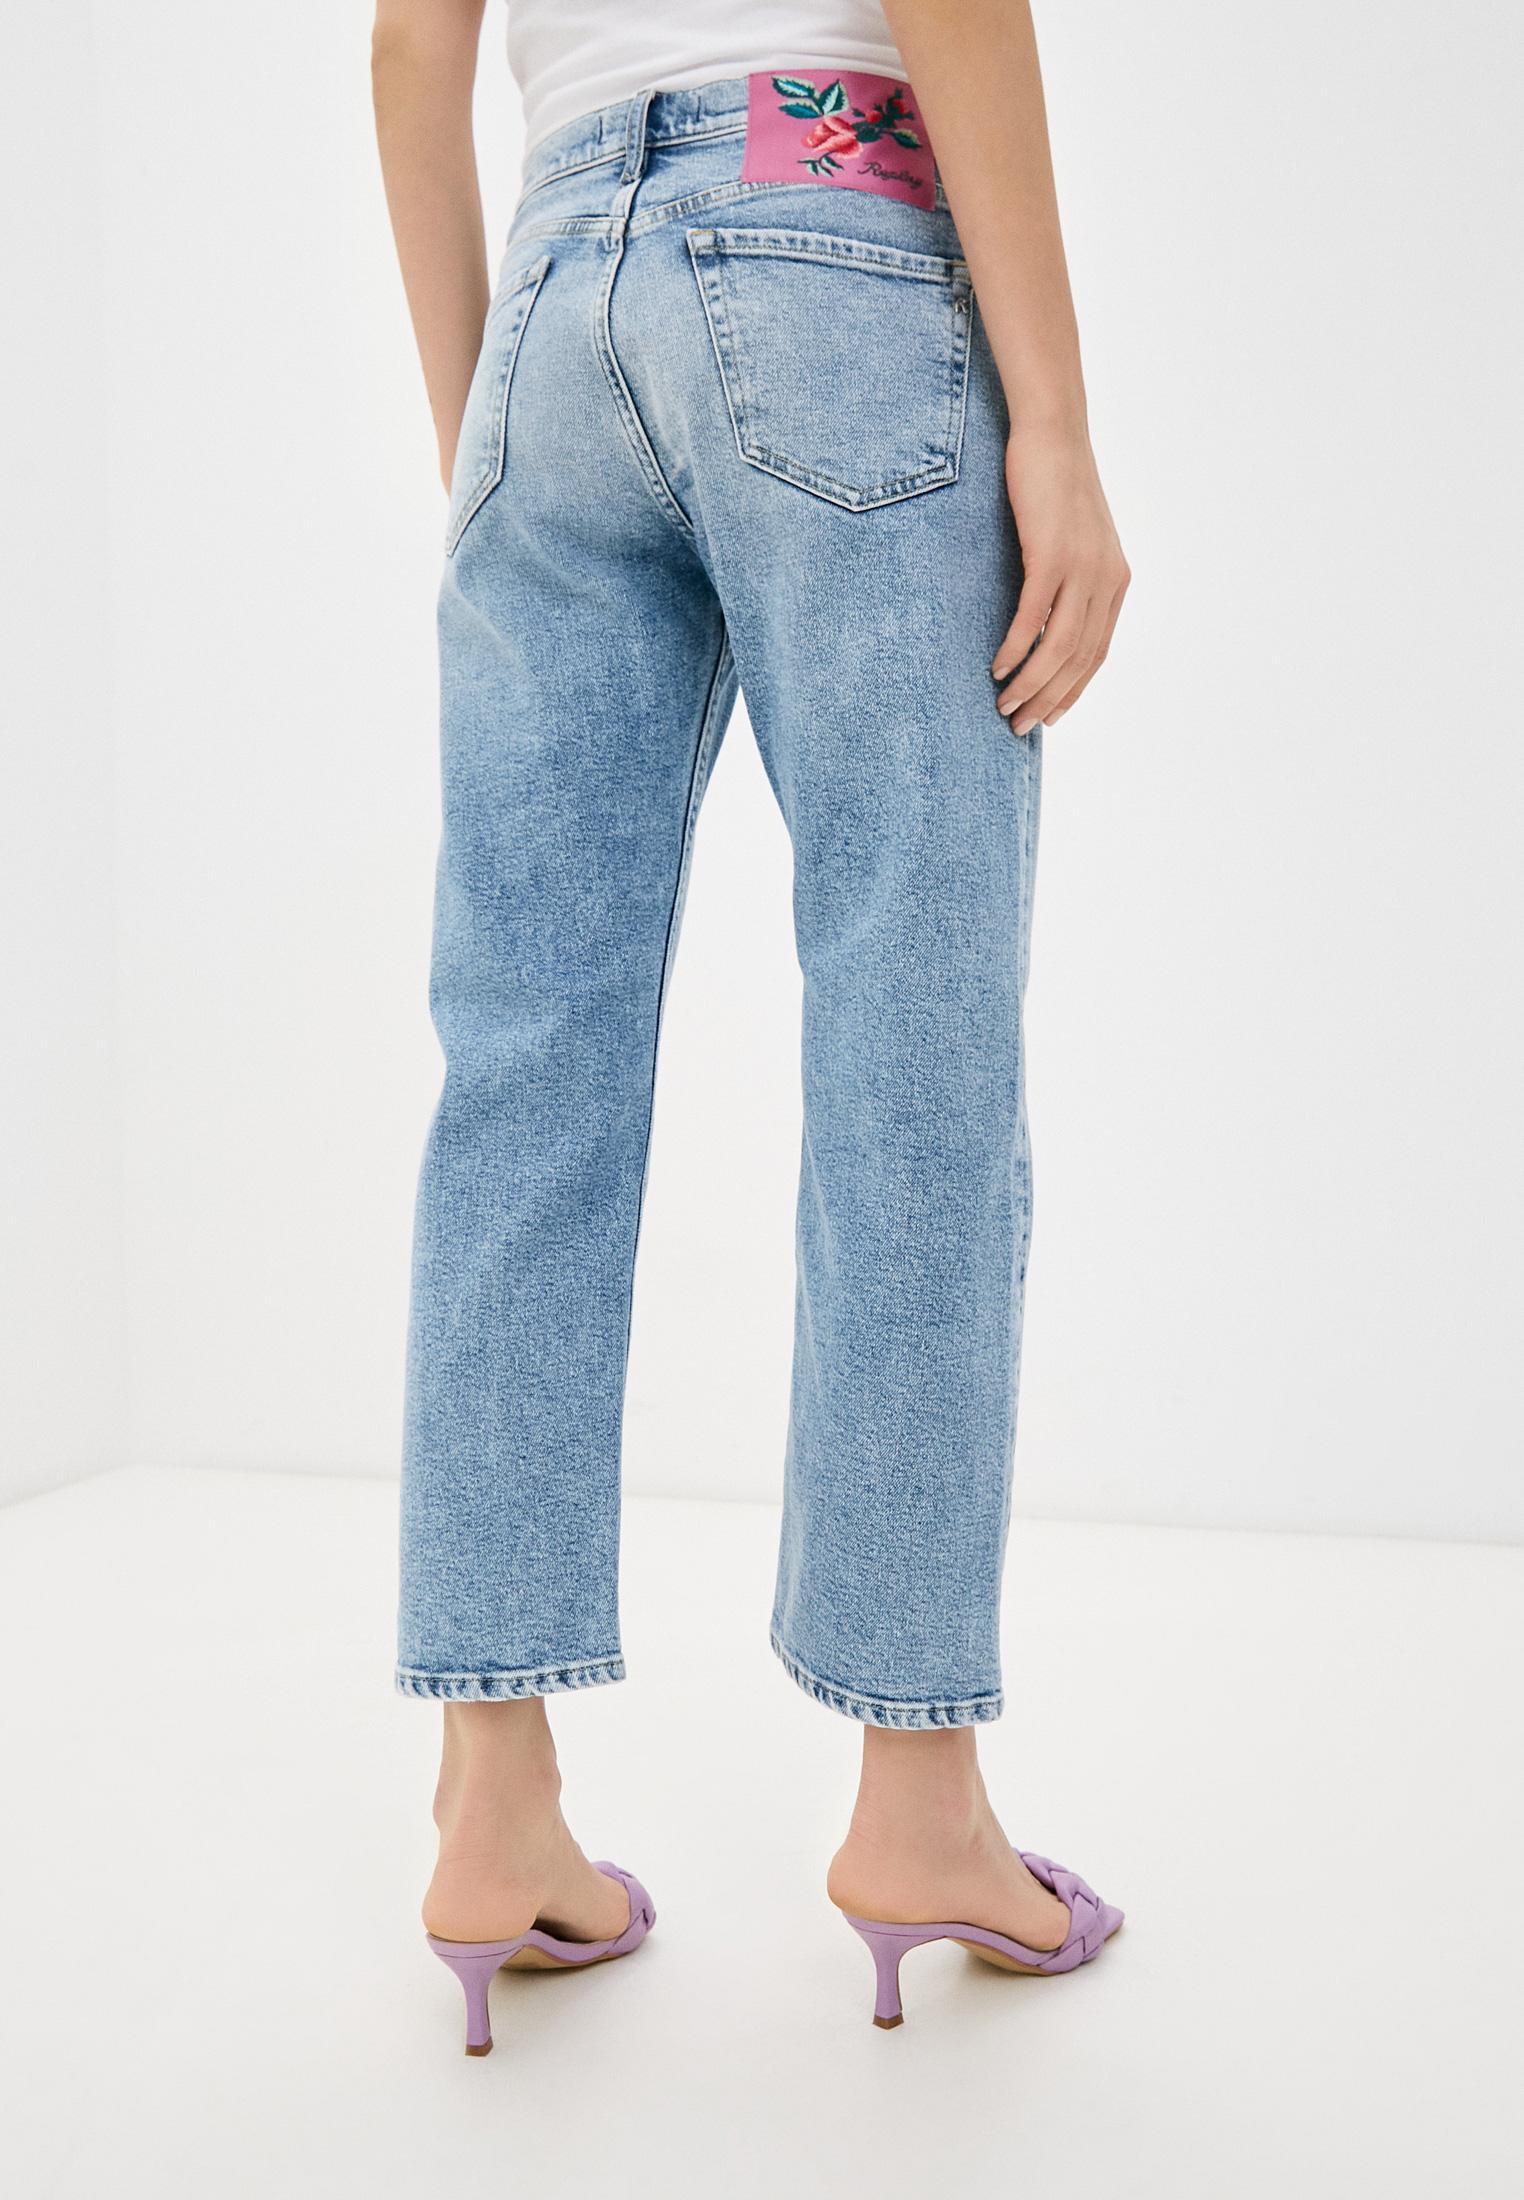 Прямые джинсы Replay (Реплей) WA454R.000.20781D: изображение 3